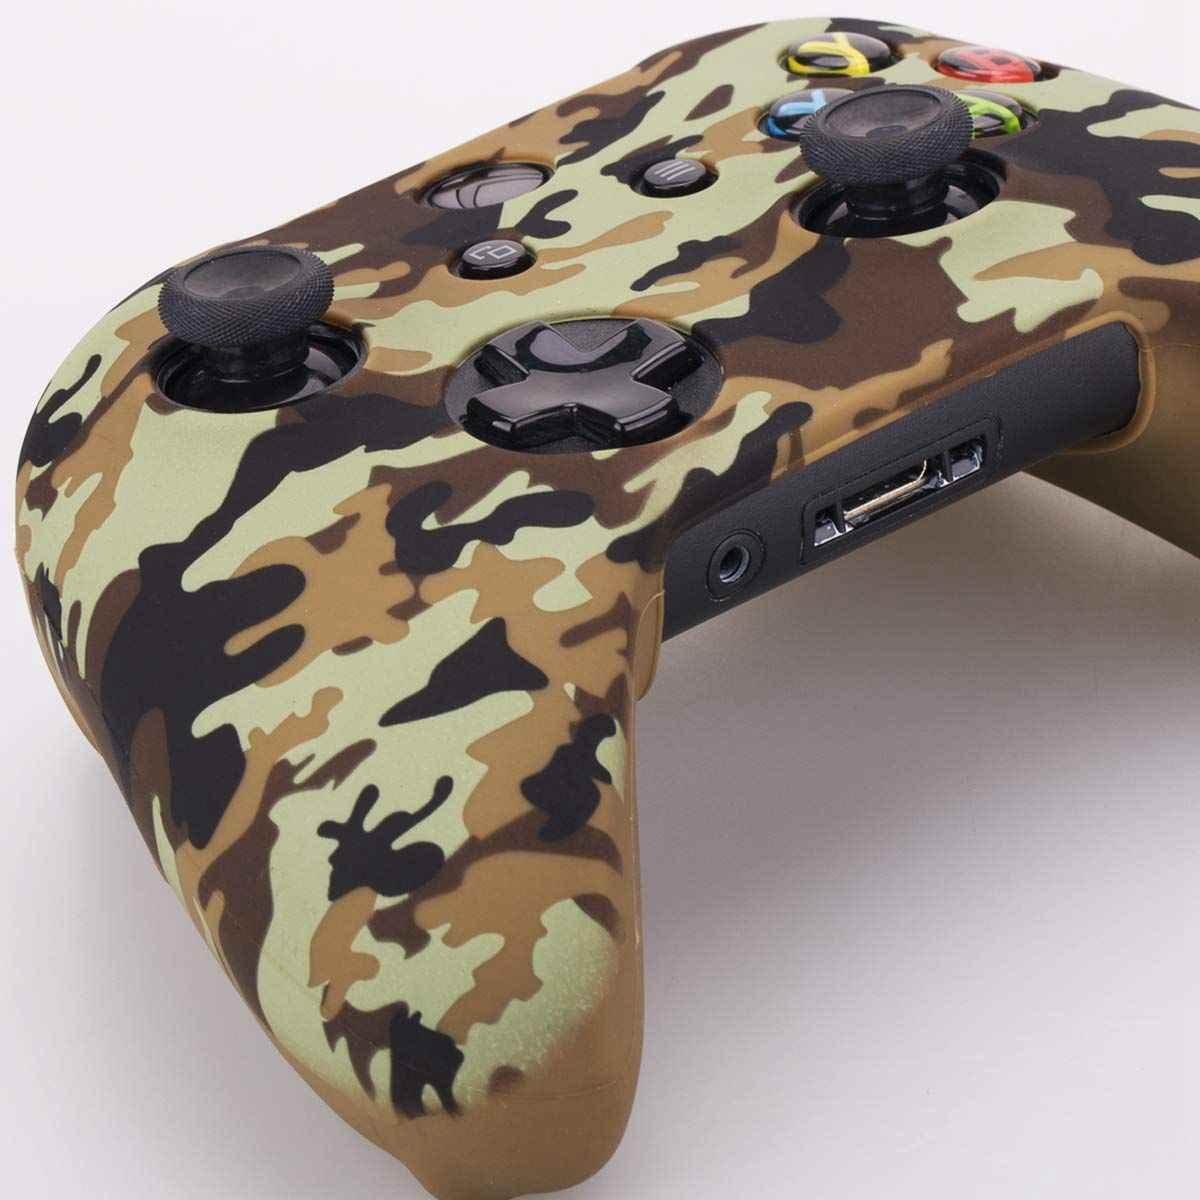 Камуфляжный, силиконовый обложка, кожаный чехол для Microsoft Xbox One X & Xbox One S контроллер x 1 с PRO thum